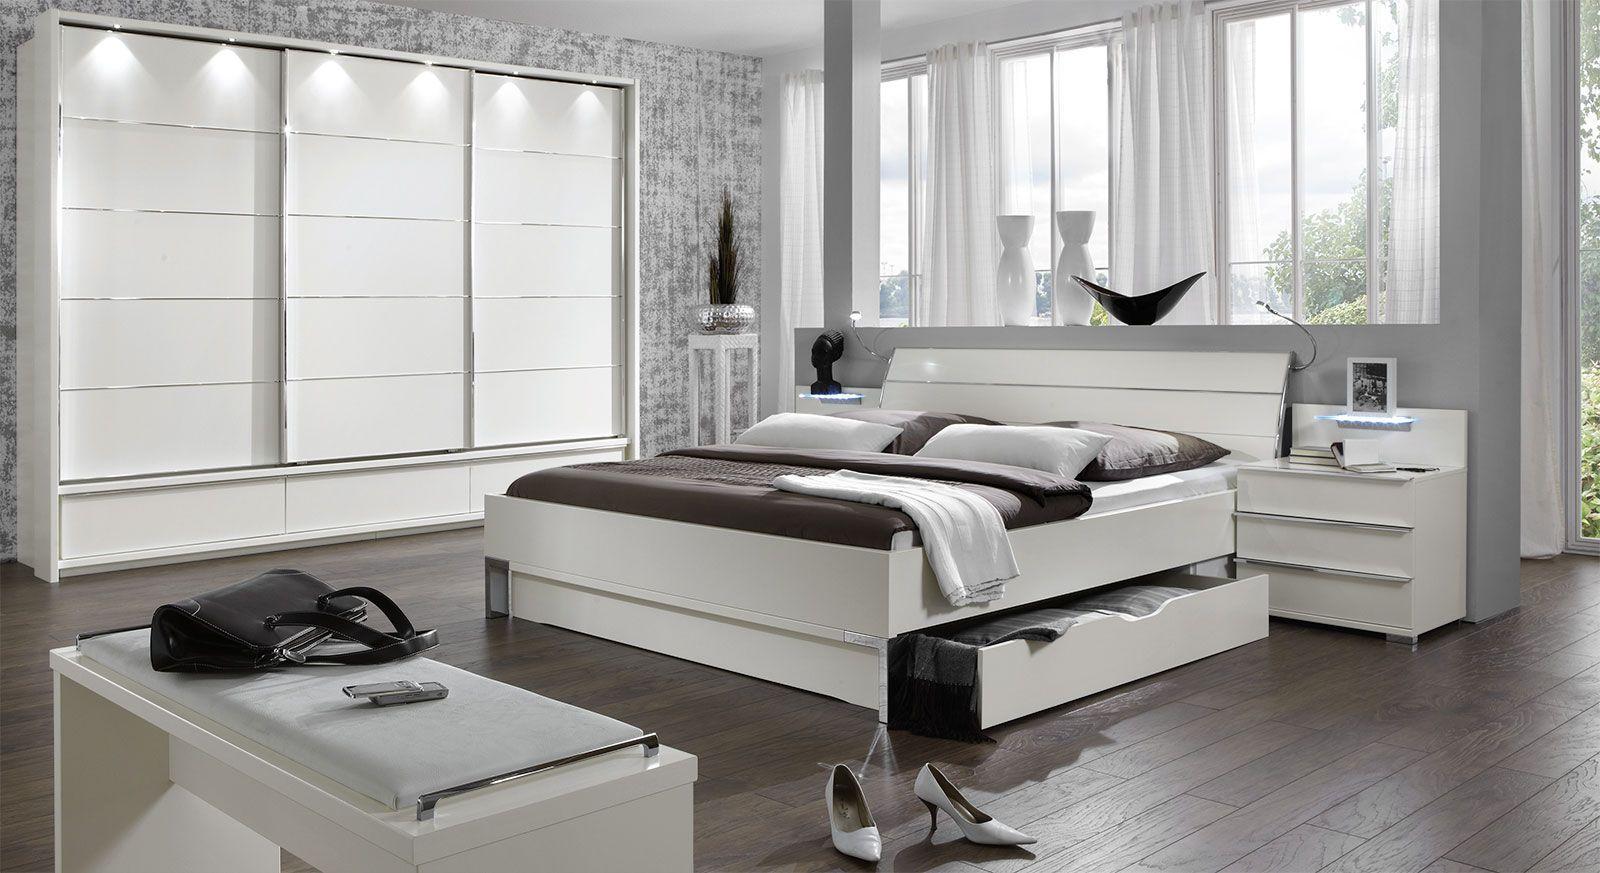 modernes schlafzimmer mit enormen stauraummöglichkeiten, Schlafzimmer entwurf